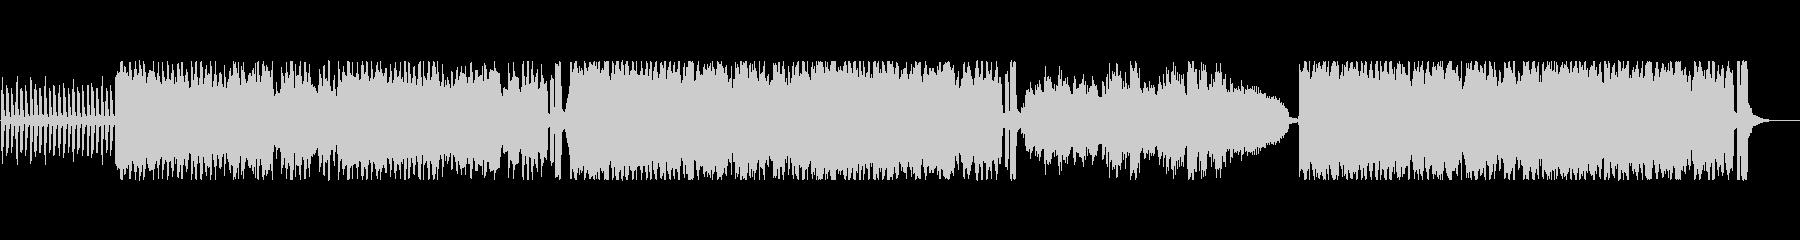 三拍子の短調・オーケストラの未再生の波形